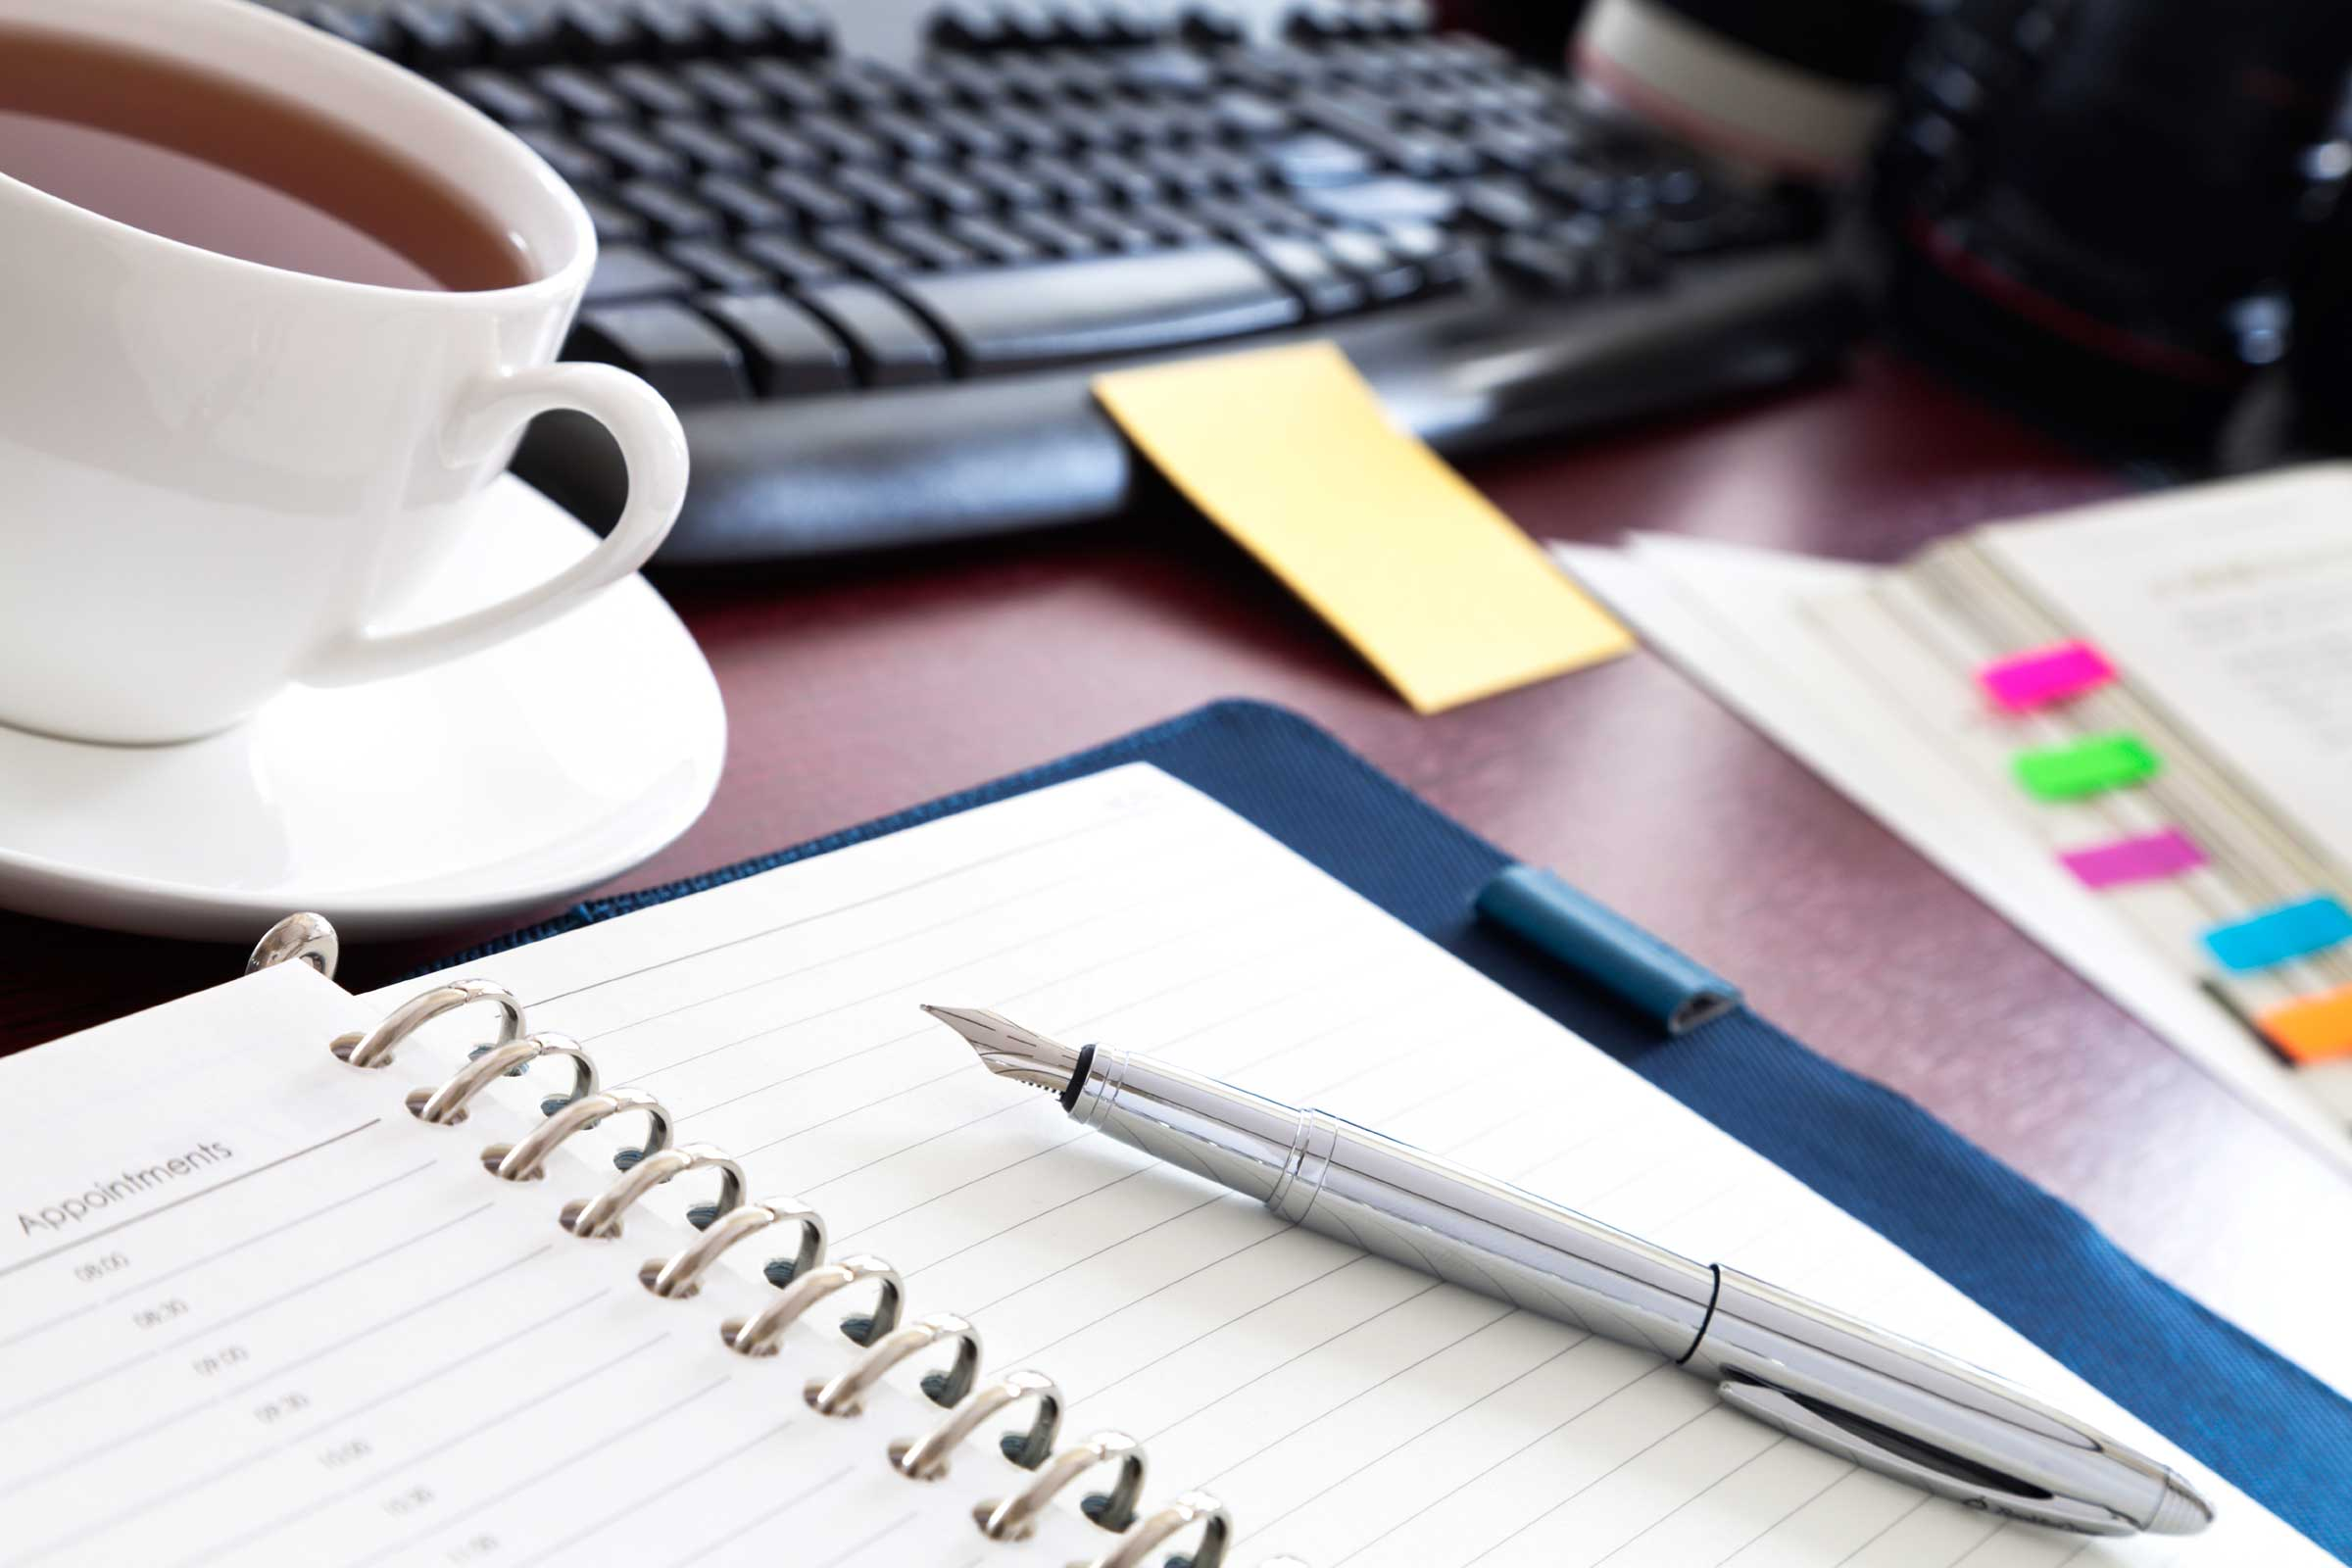 Checklist For Work